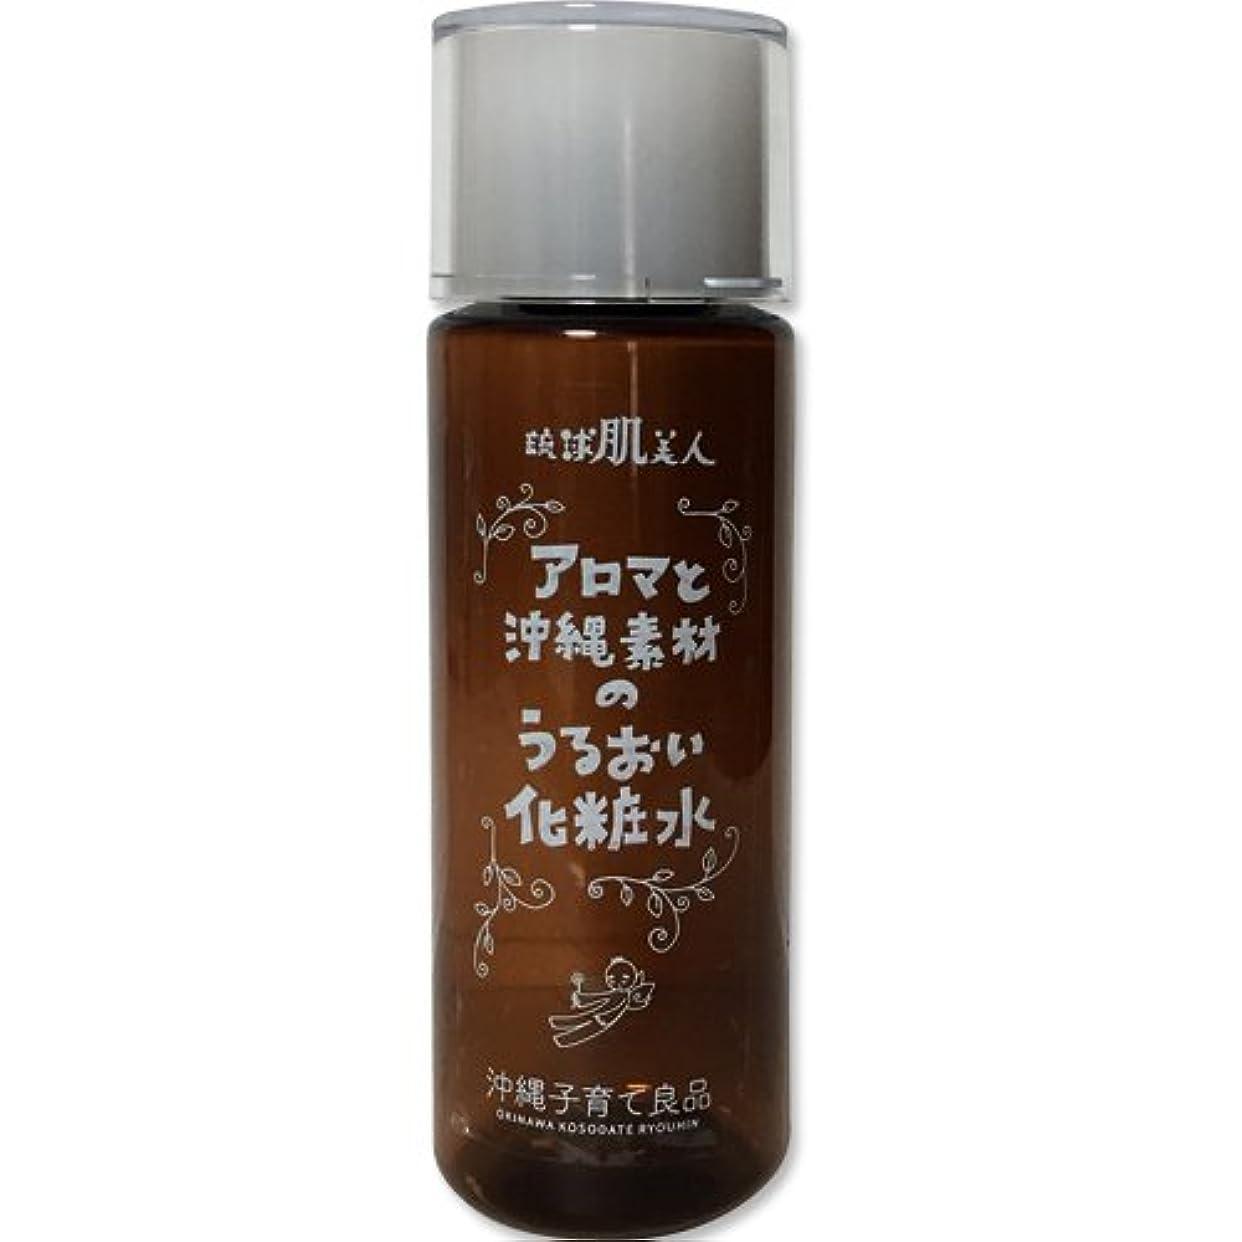 話す休日にビルマ保湿 化粧水 無添加 アルコールフリー アロマと沖縄素材のうるおい化粧水 120ml